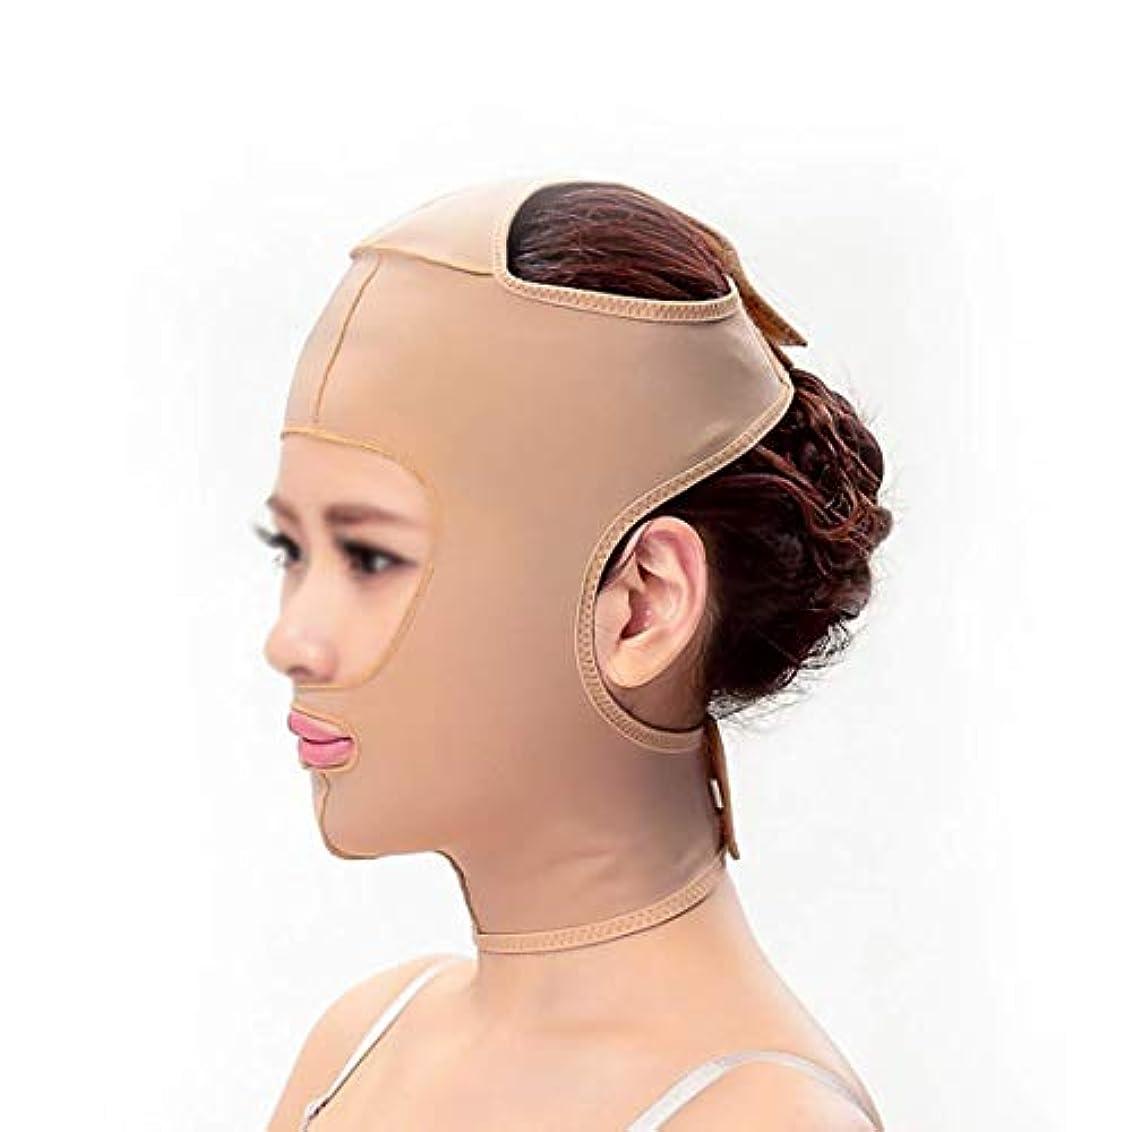 純度常習者司令官スリミングベルト、二重あごの引き締め顔面プラスチックフェイスアーティファクト強力なフェイスバンデージをサイズアップするために顔面マスクシンフェイスマスク,ザ・